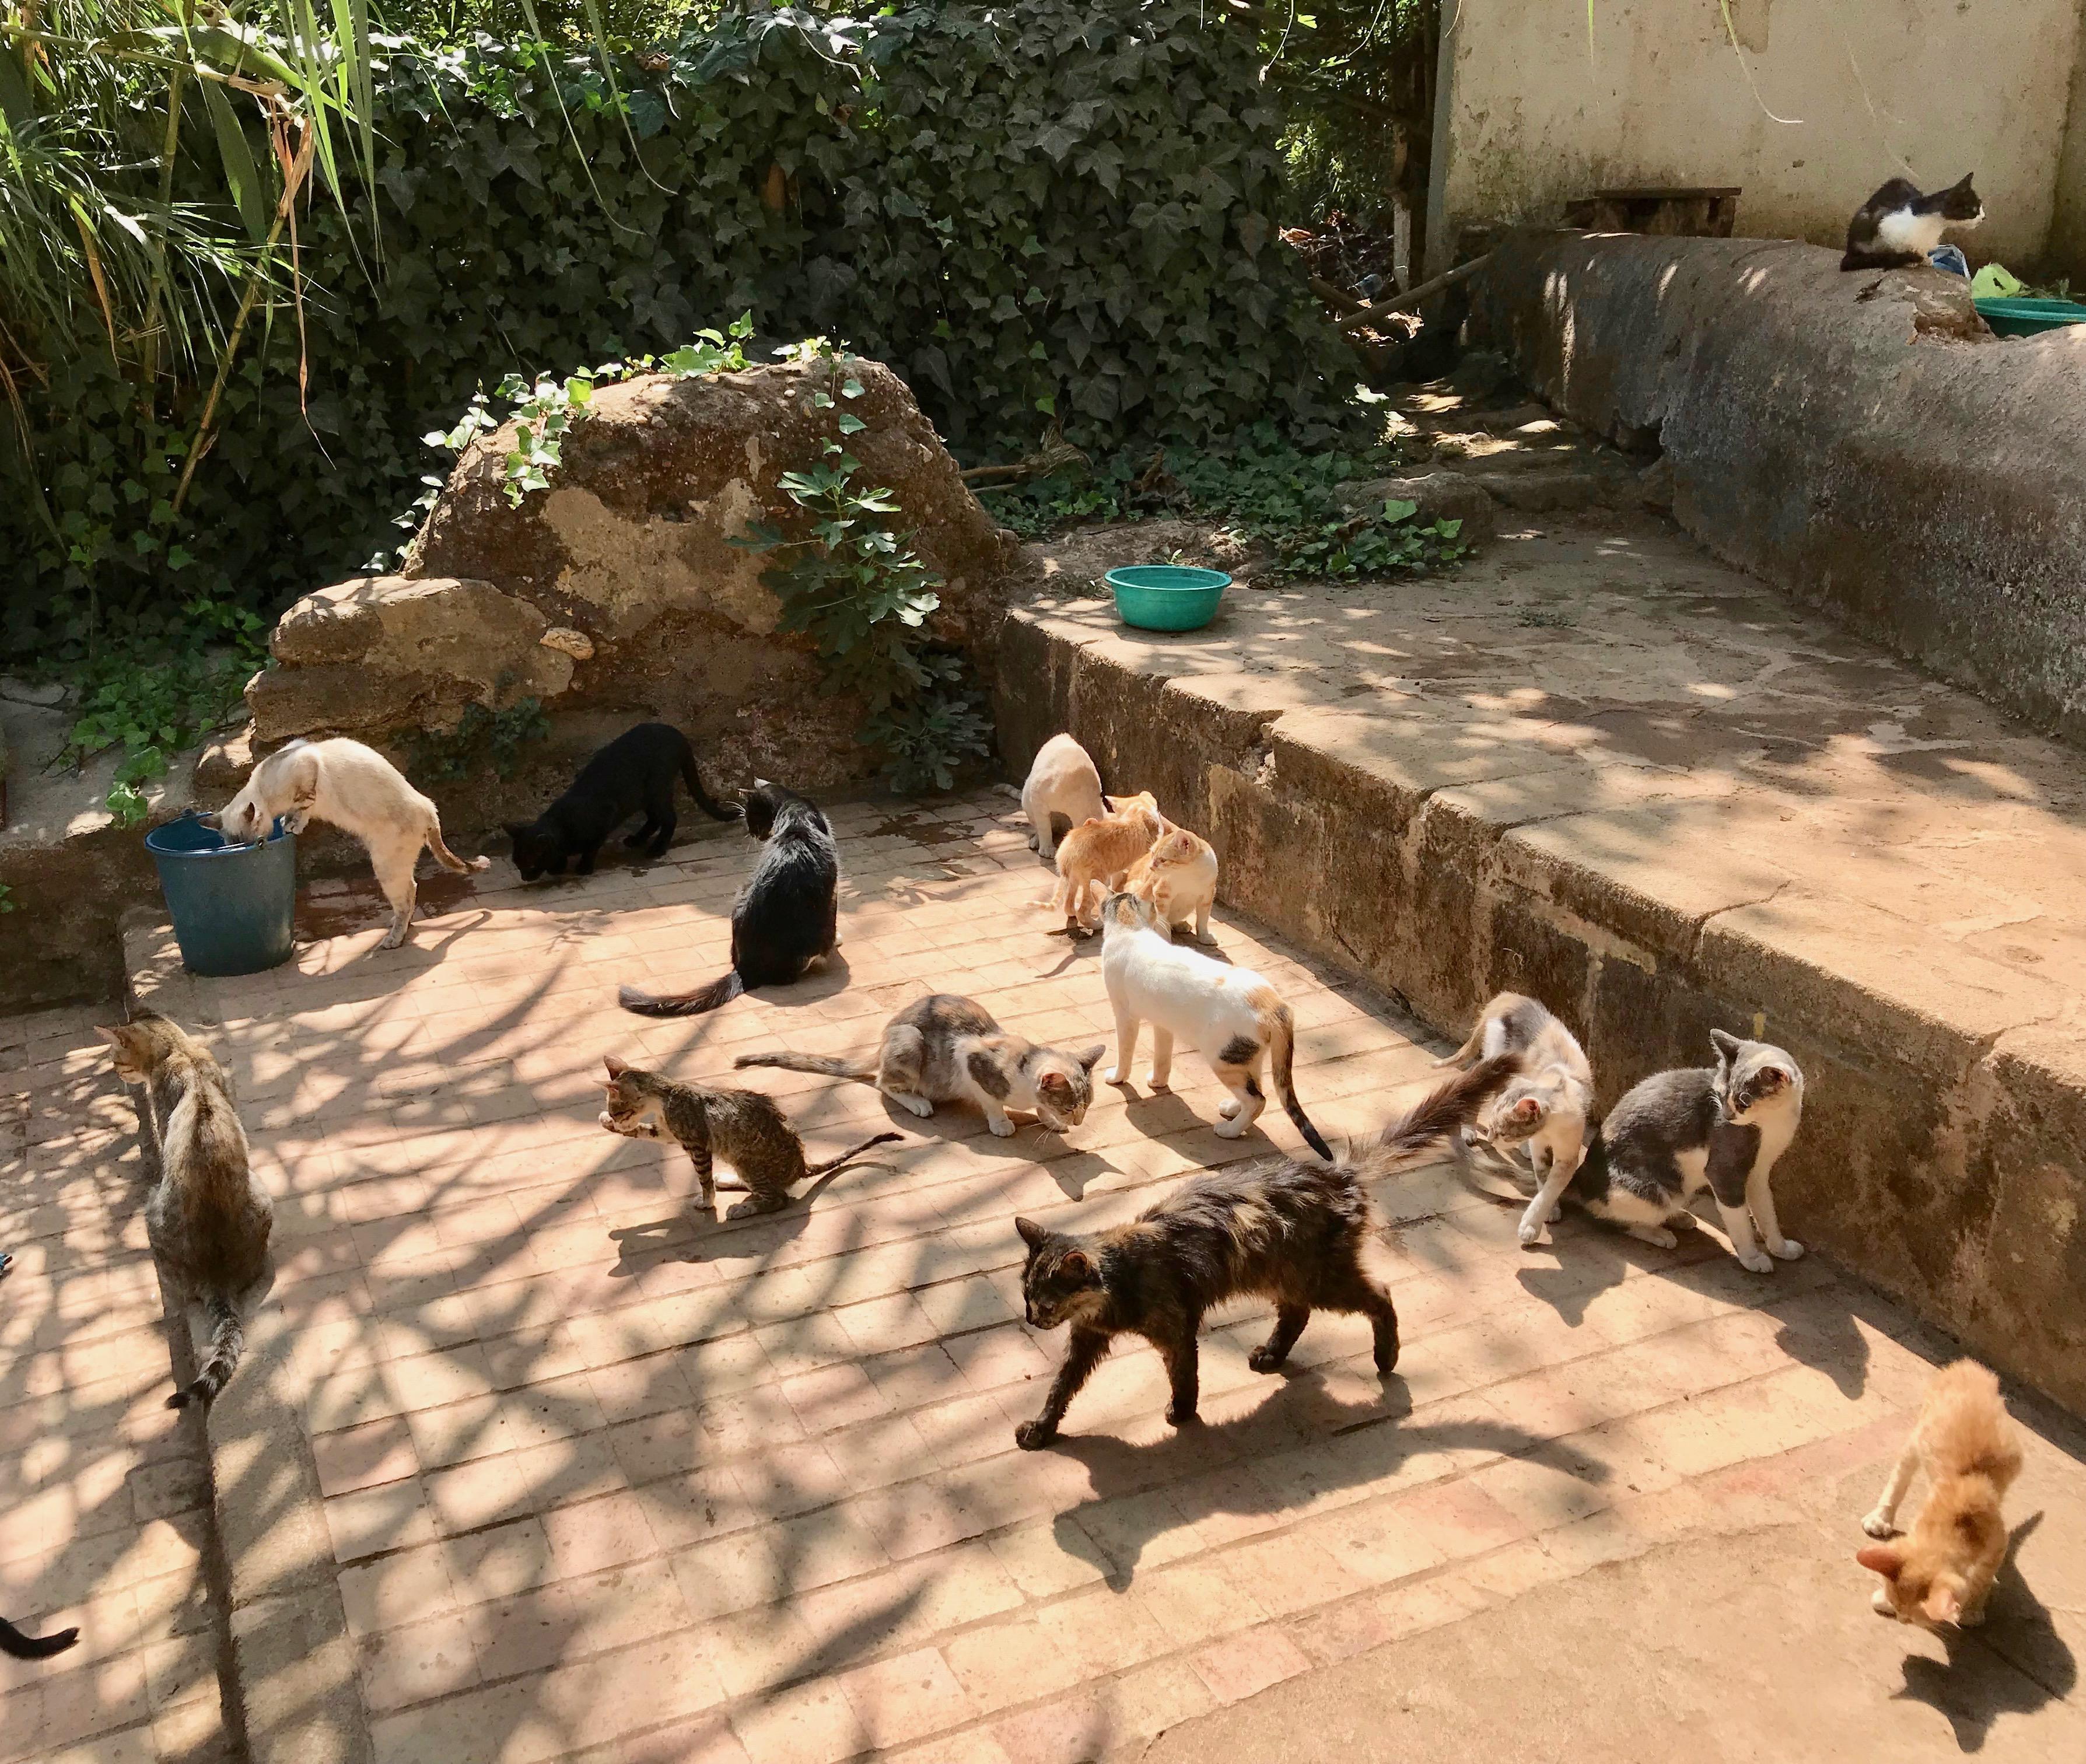 Cats after the egg shells at Chellah, Rabat